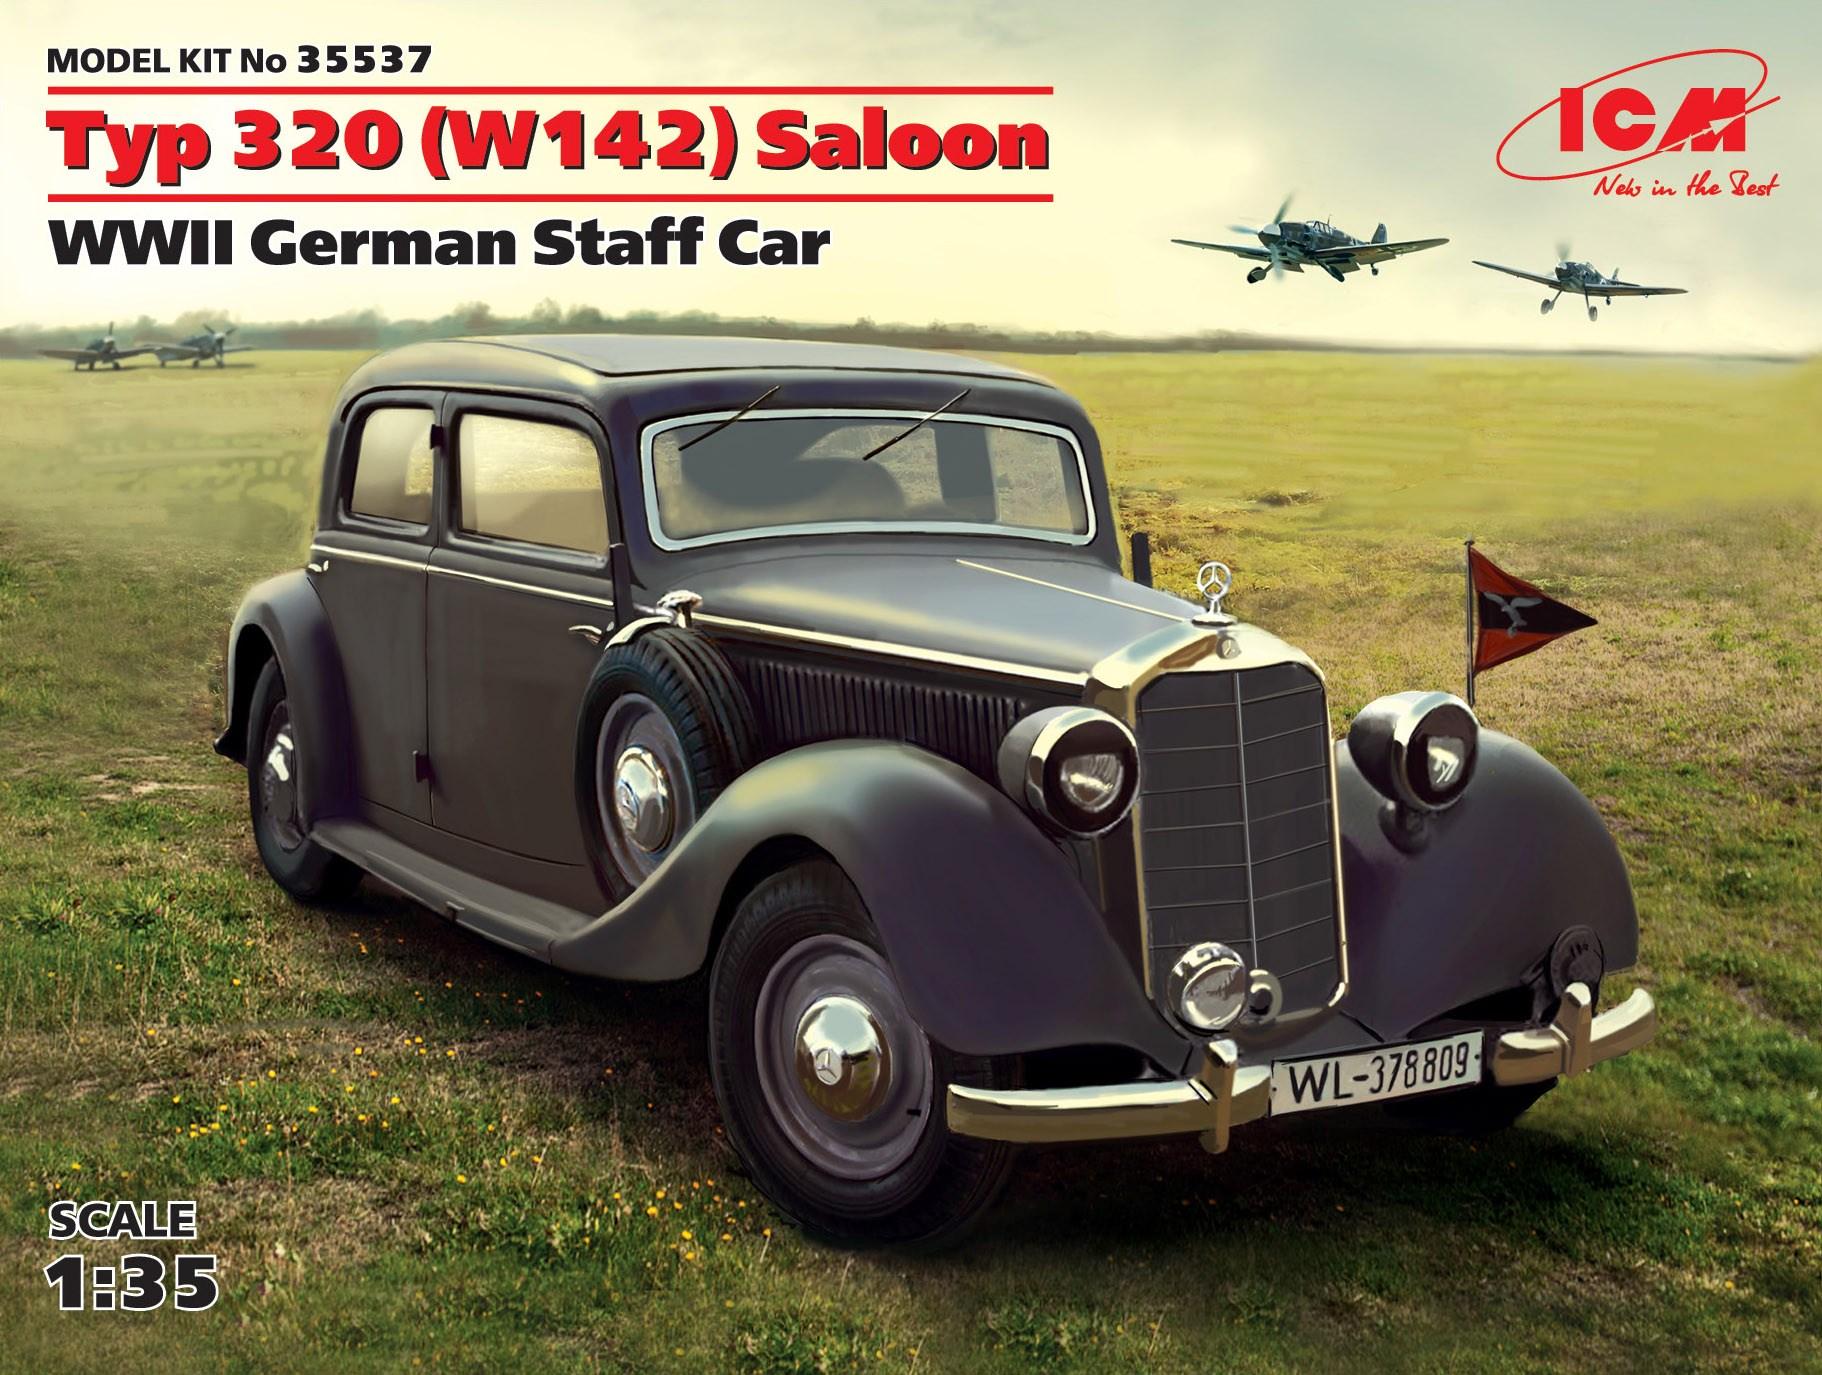 ICM Typ 320 (W142) Saloon, WWII German Staff Car